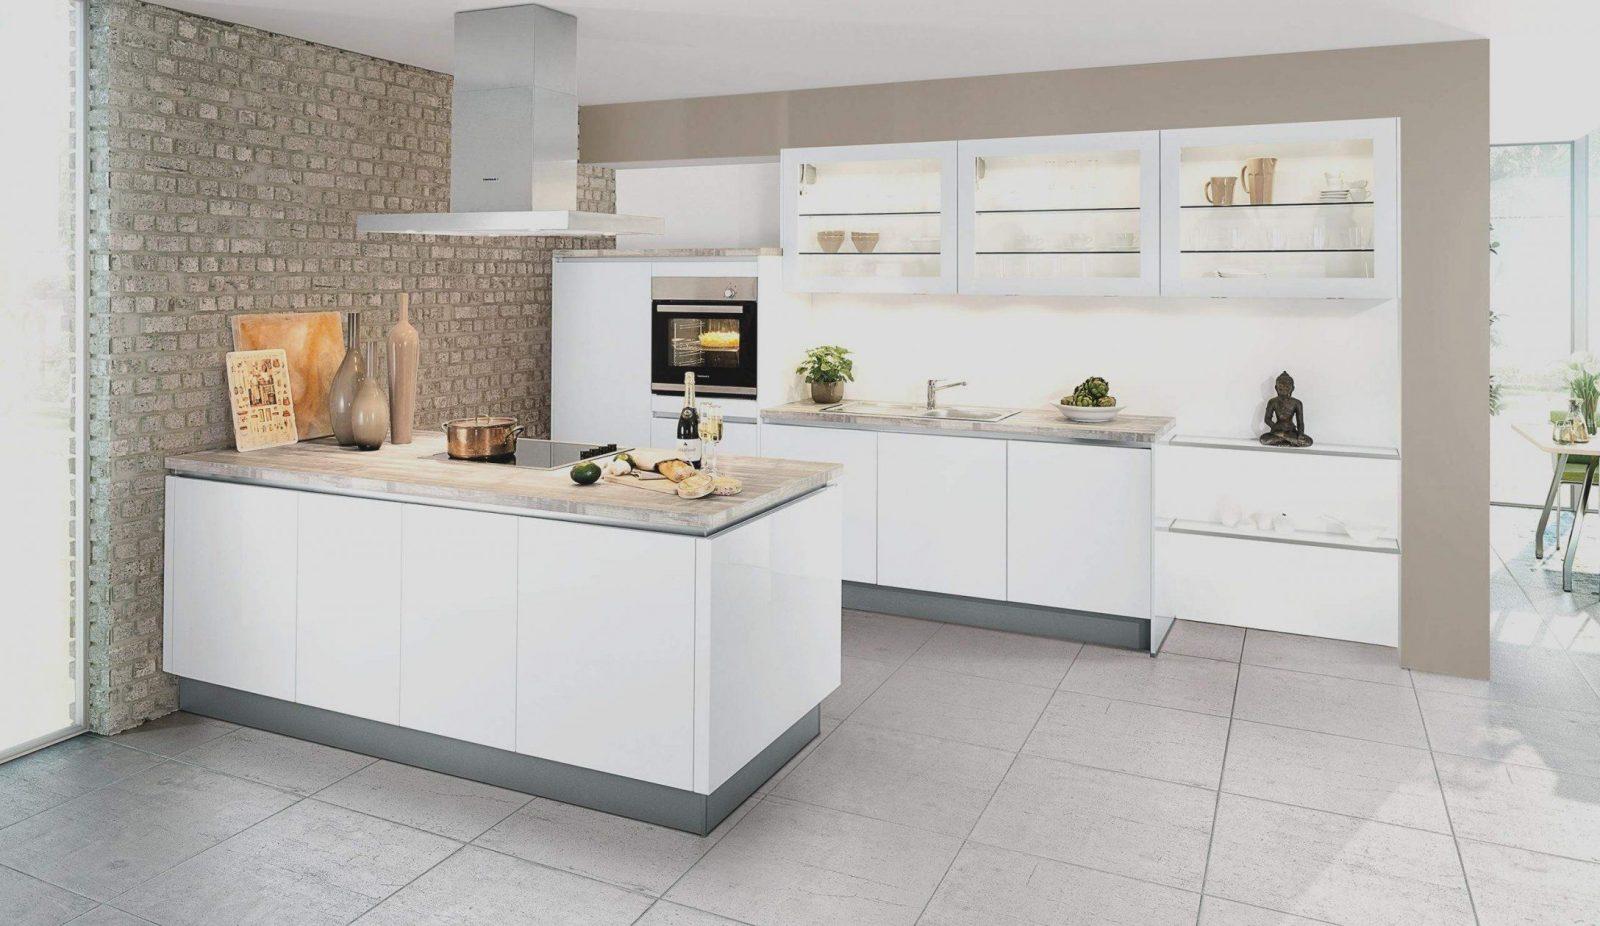 Inspirierend Ikea Küche Arbeitsplatte  Haus Dekoration von Ikea Küche Ohne Griffe Bild